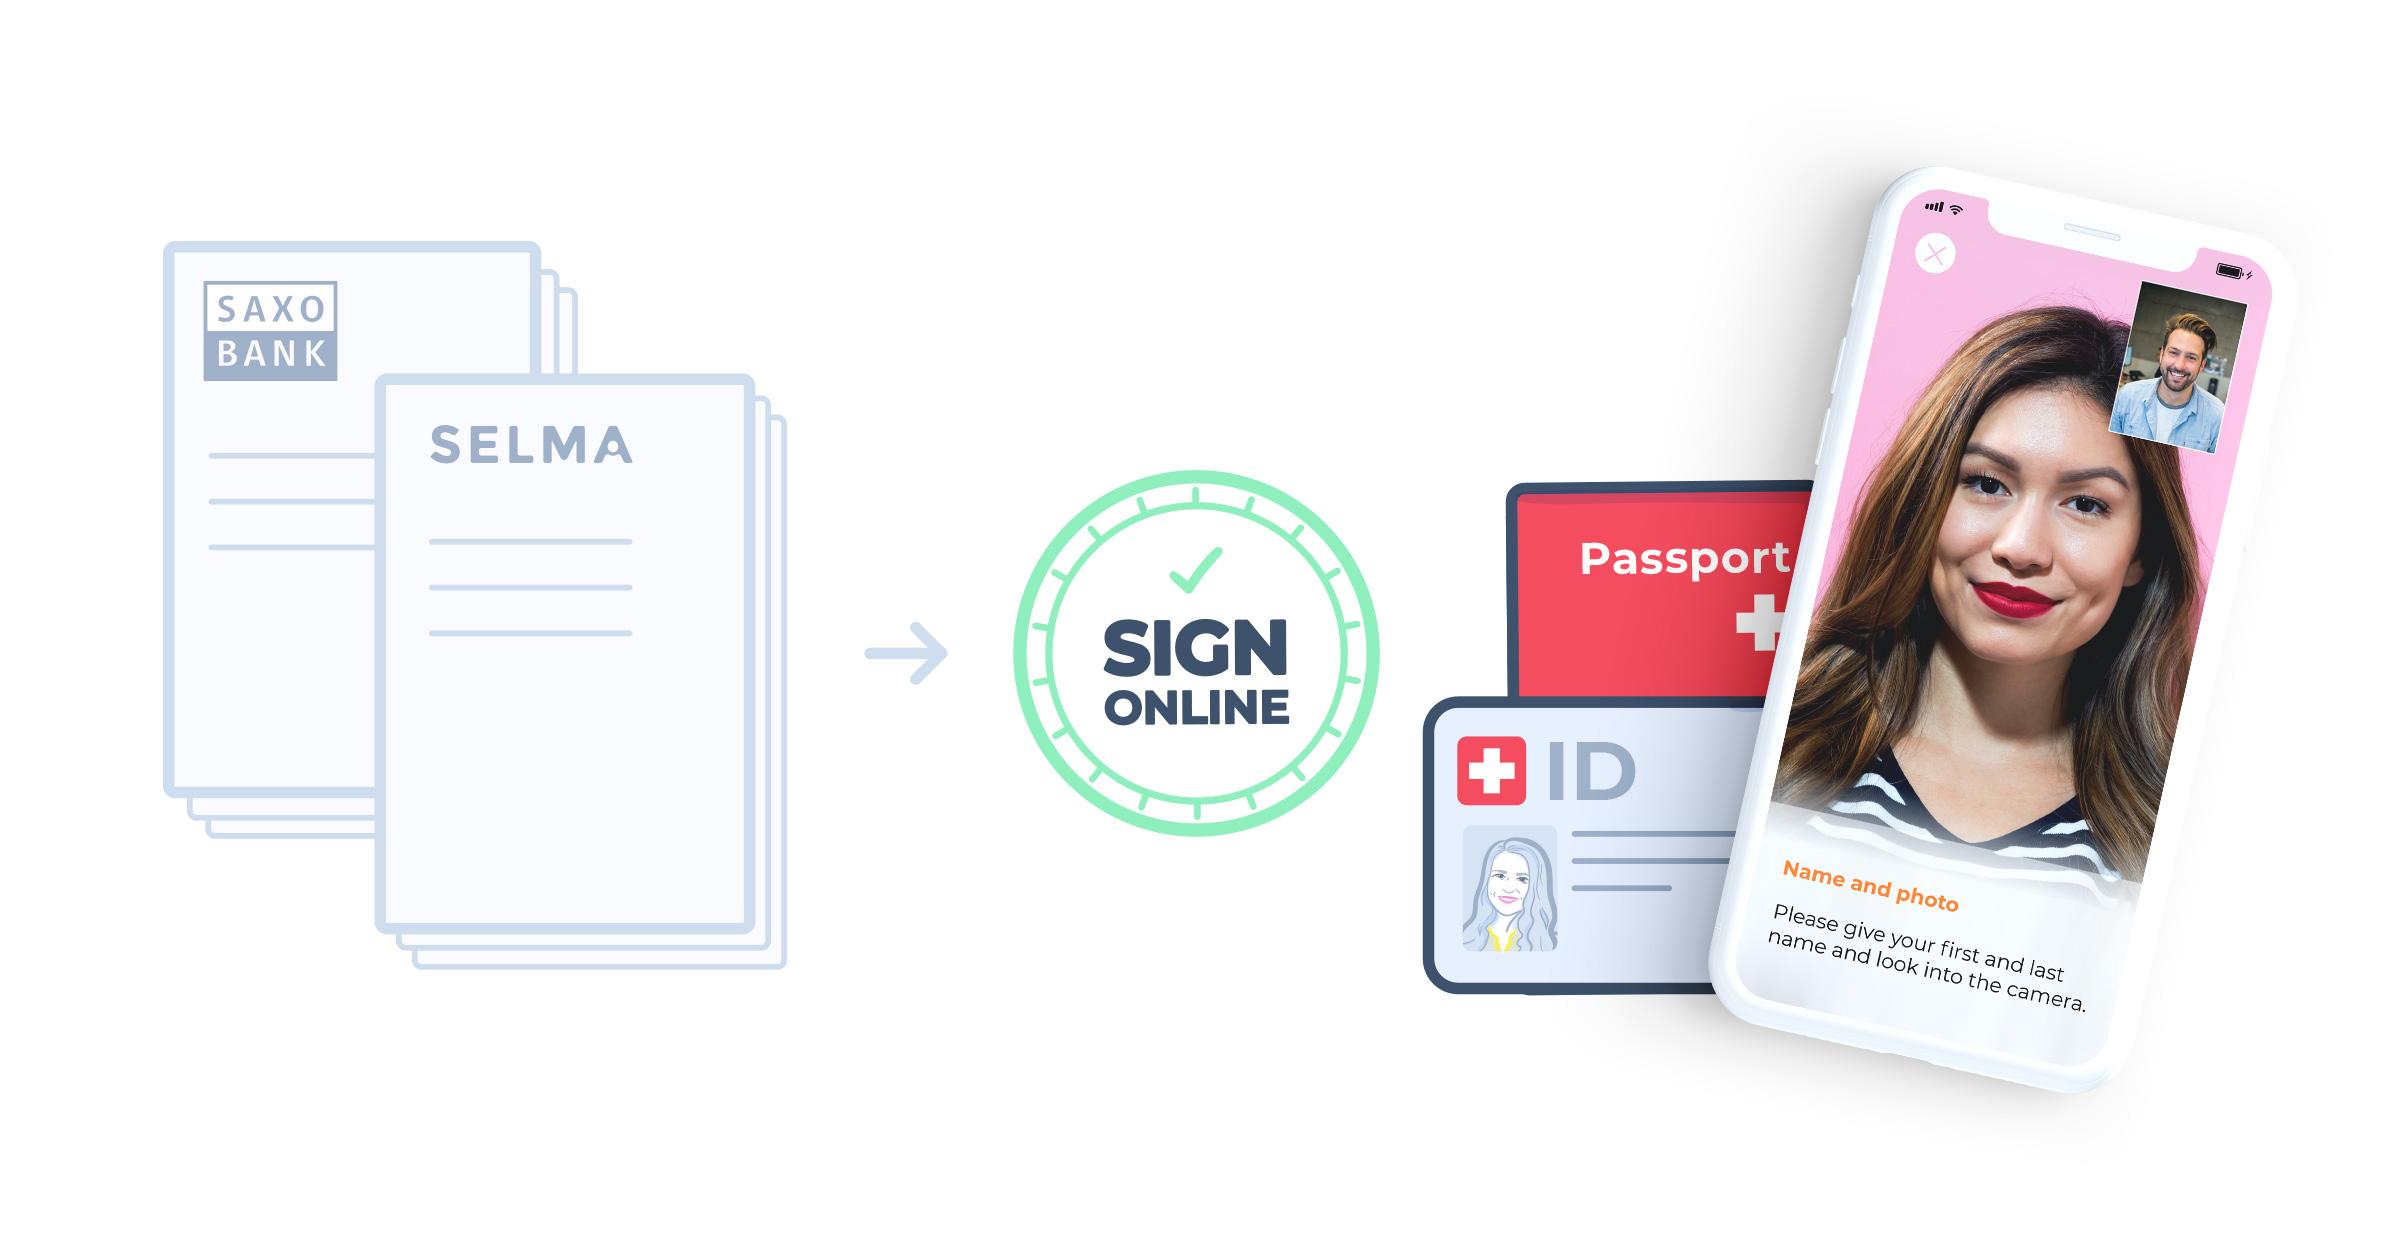 E-onboarding-Passport-1200x628 (1).jpg